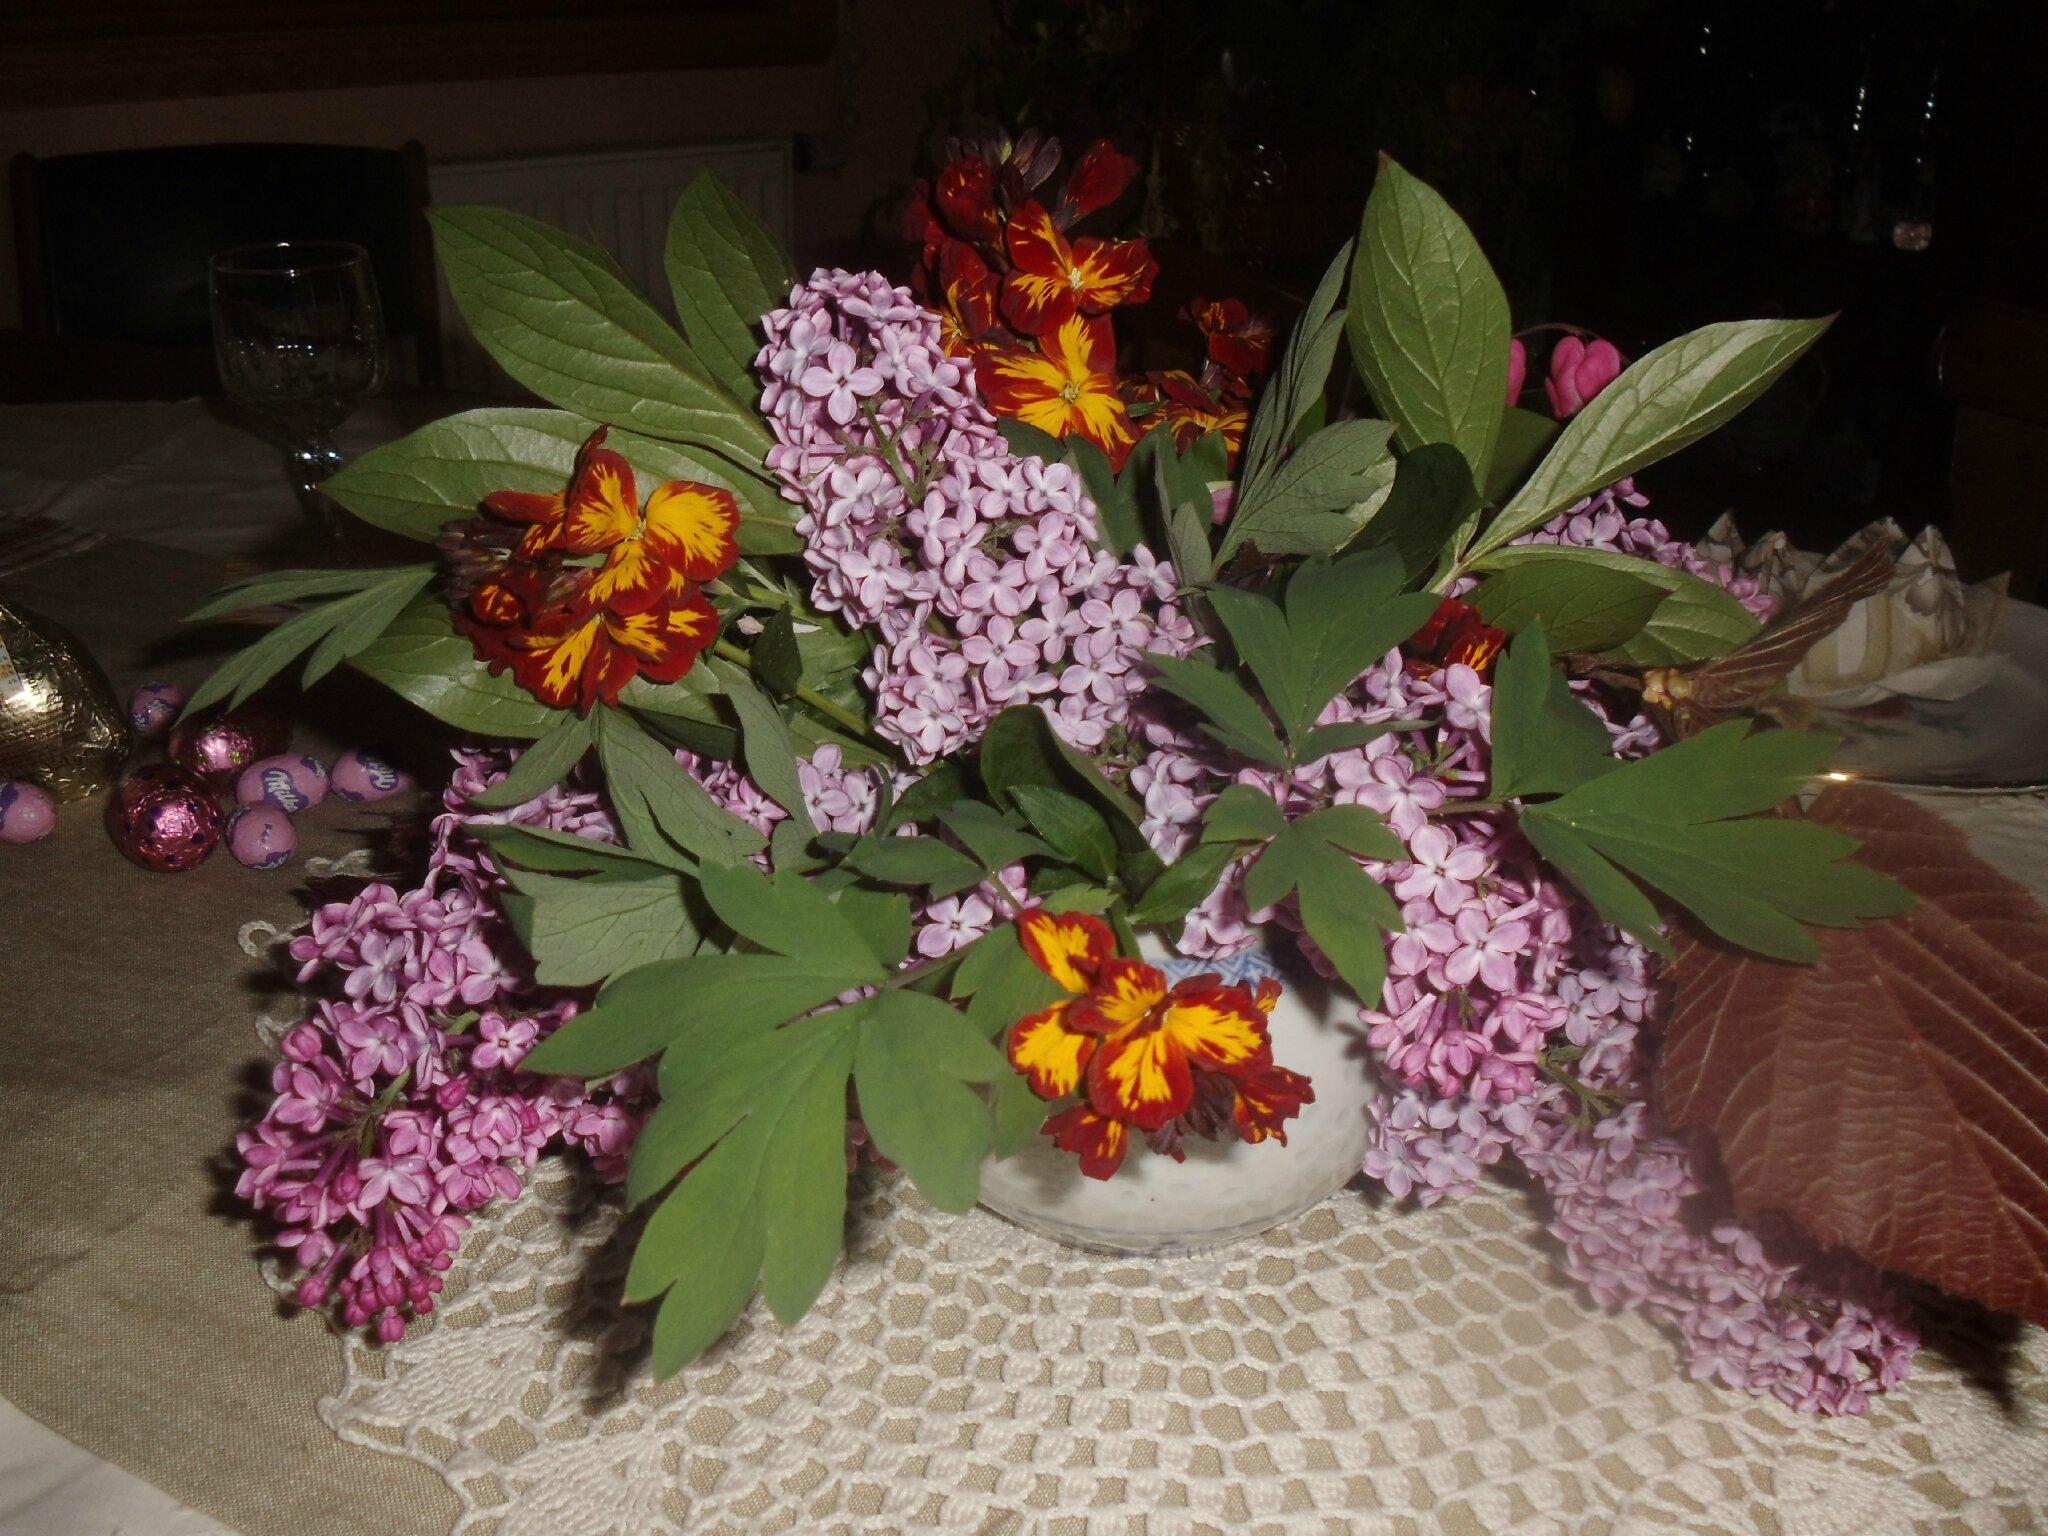 bouquet pascal et centre de table floral pour pâques - peneloppe ou